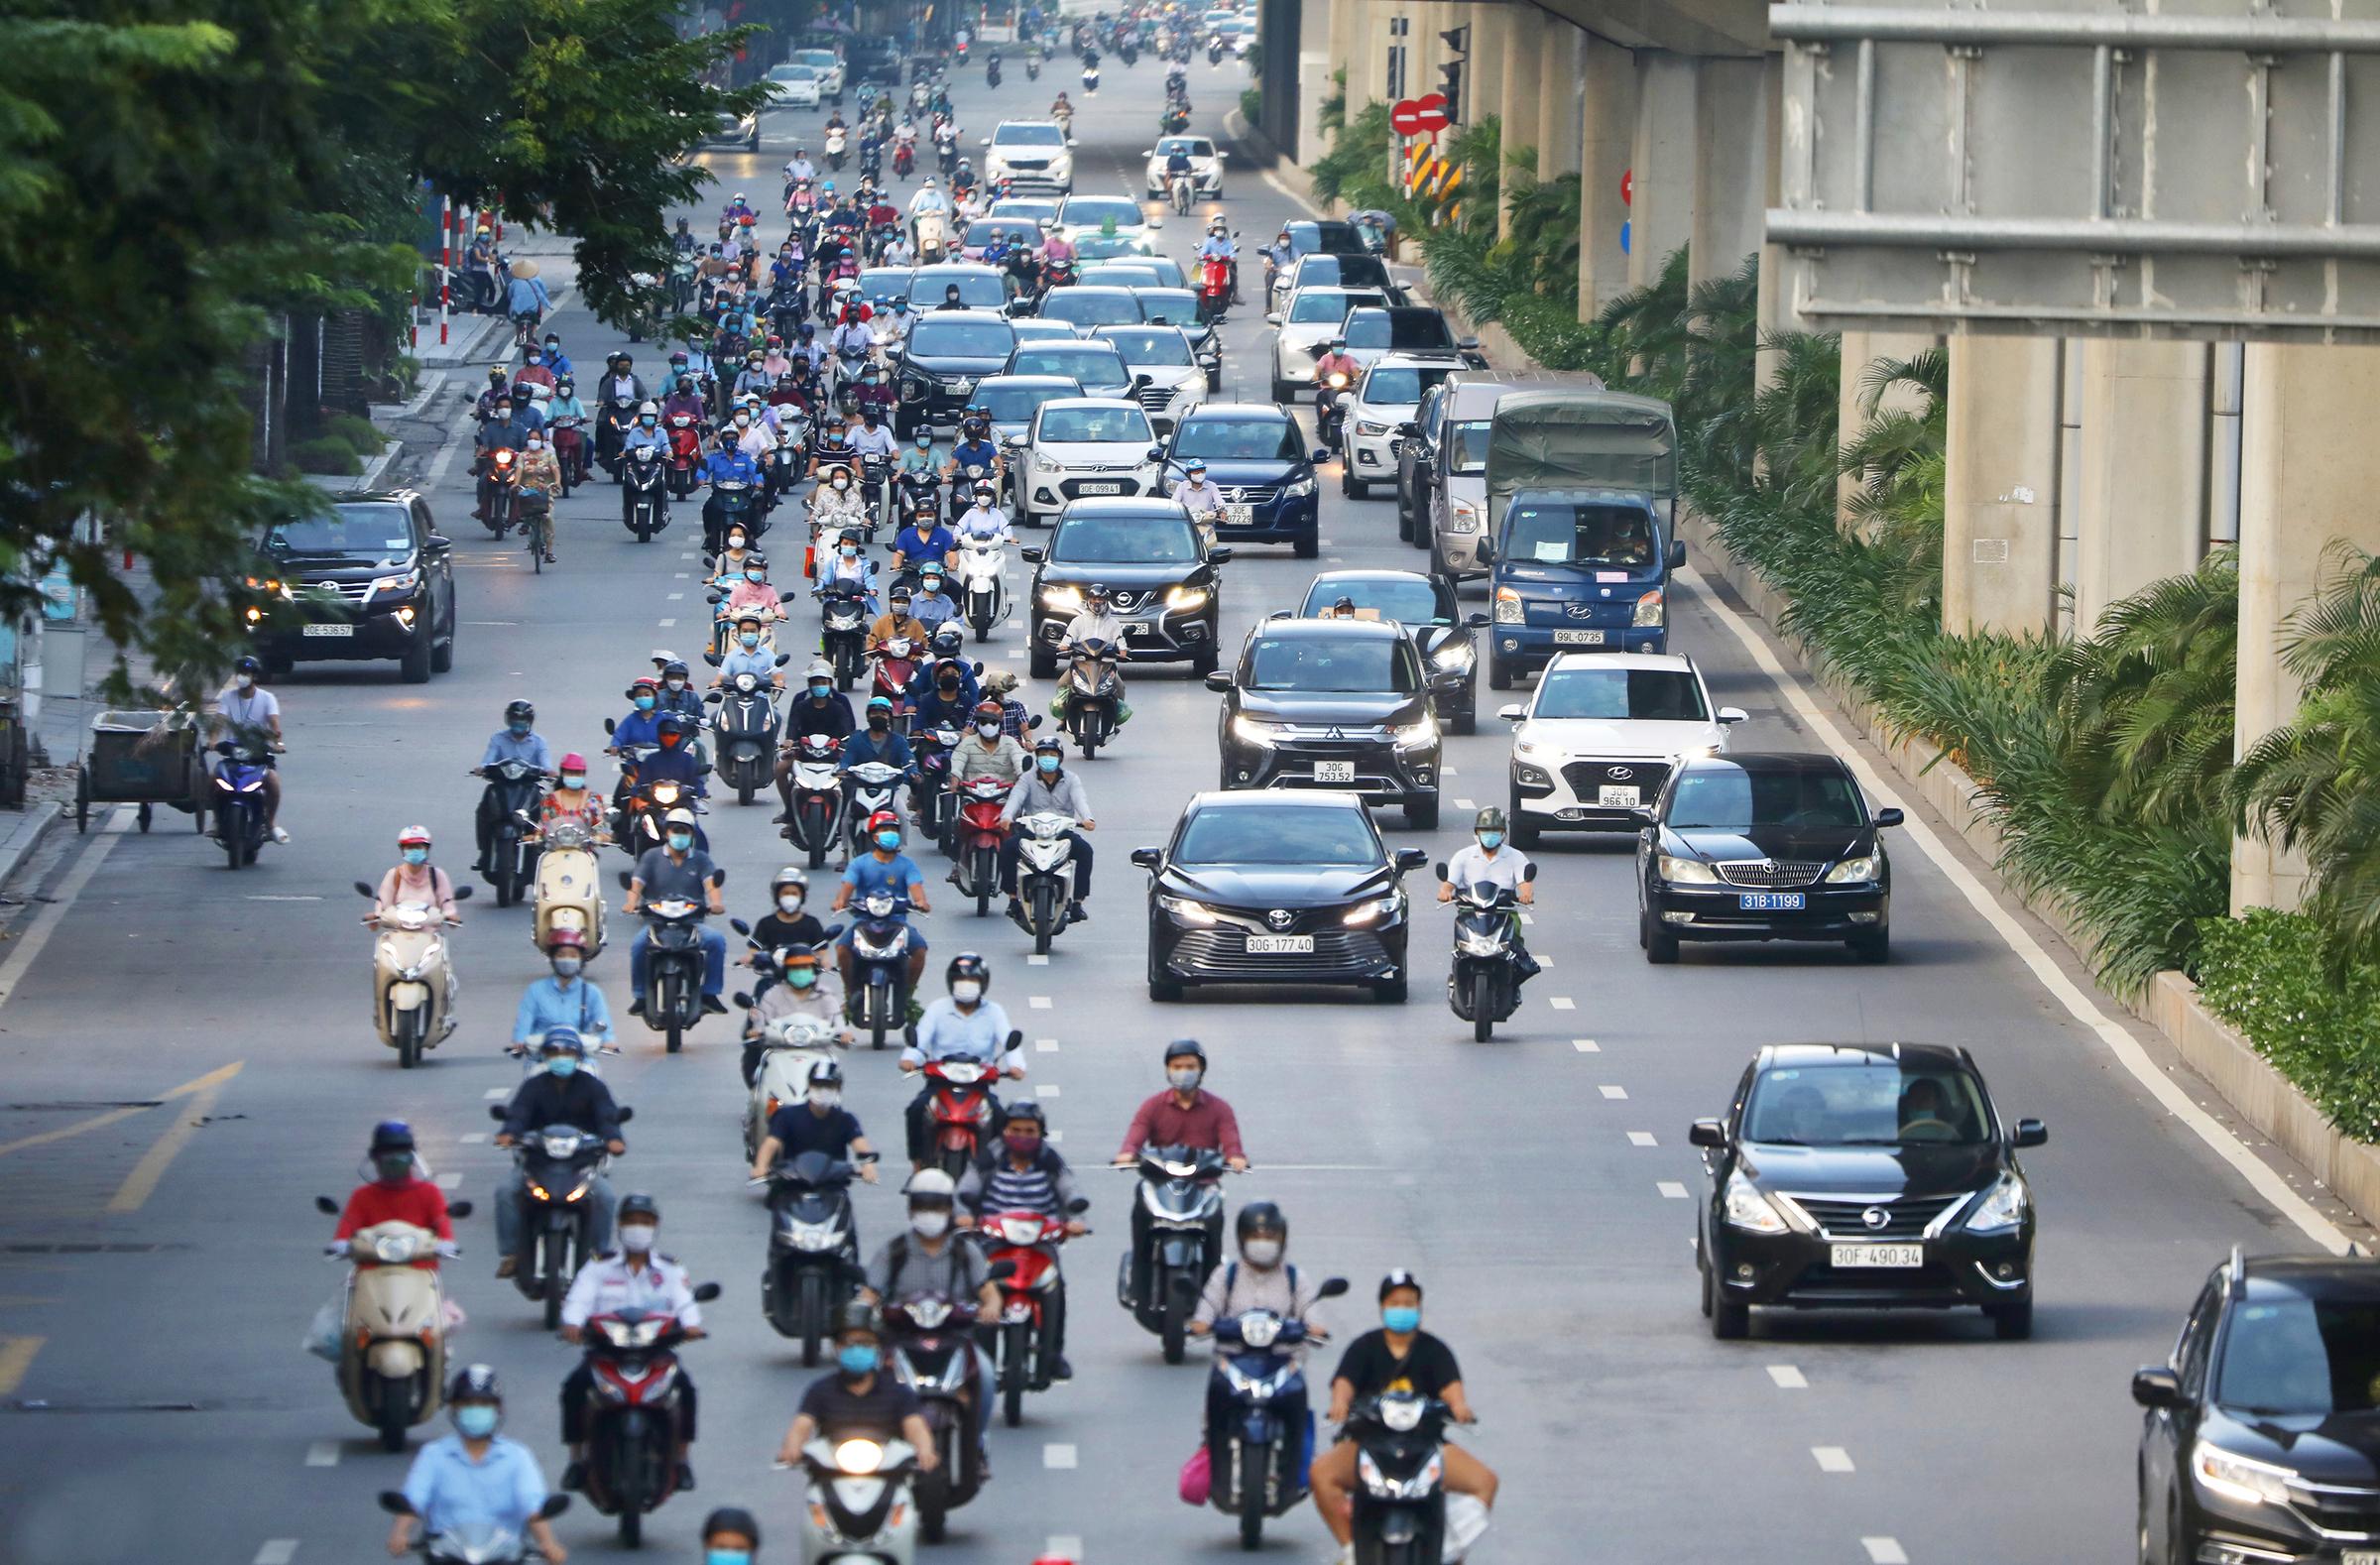 Phương tiện giao thông nhộn nhịp trên đường phố trung tâm Hà Nội, tháng 9/2021. Ảnh: Ngọc Thành